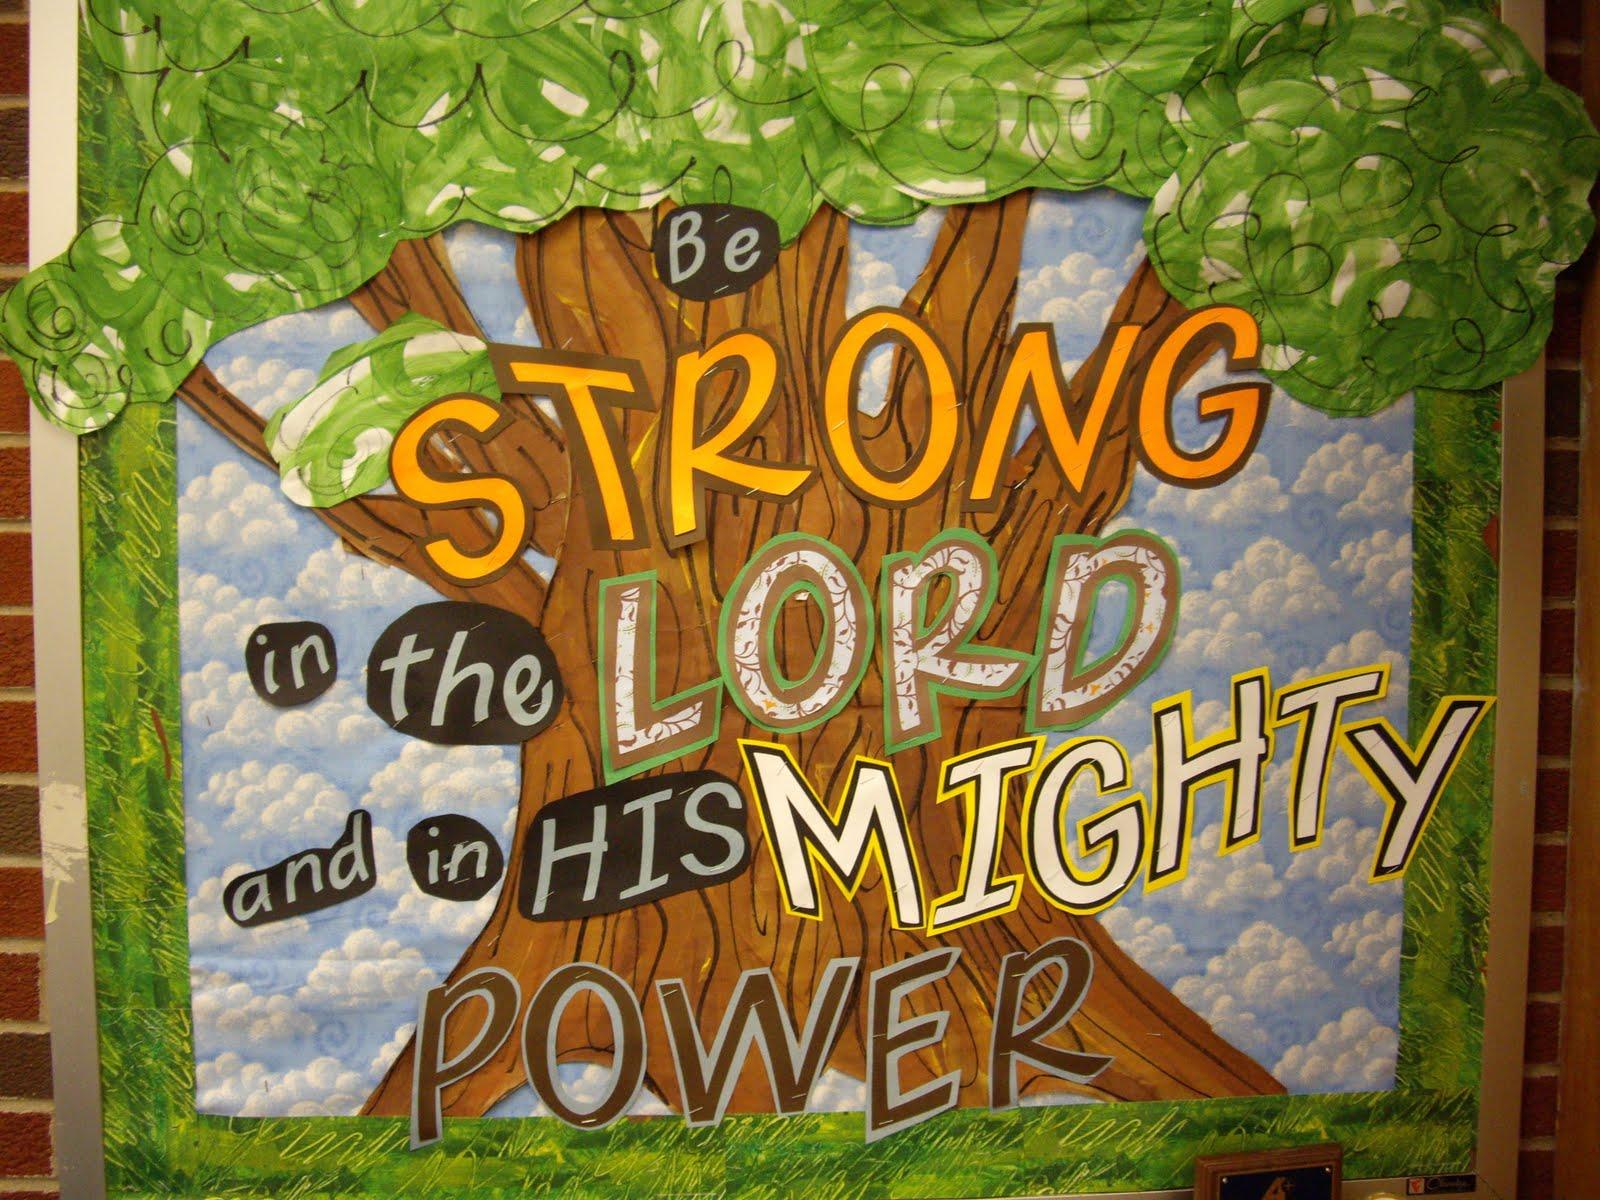 Sunday School Bullitin Boards on Pinterest | Sunday School ...